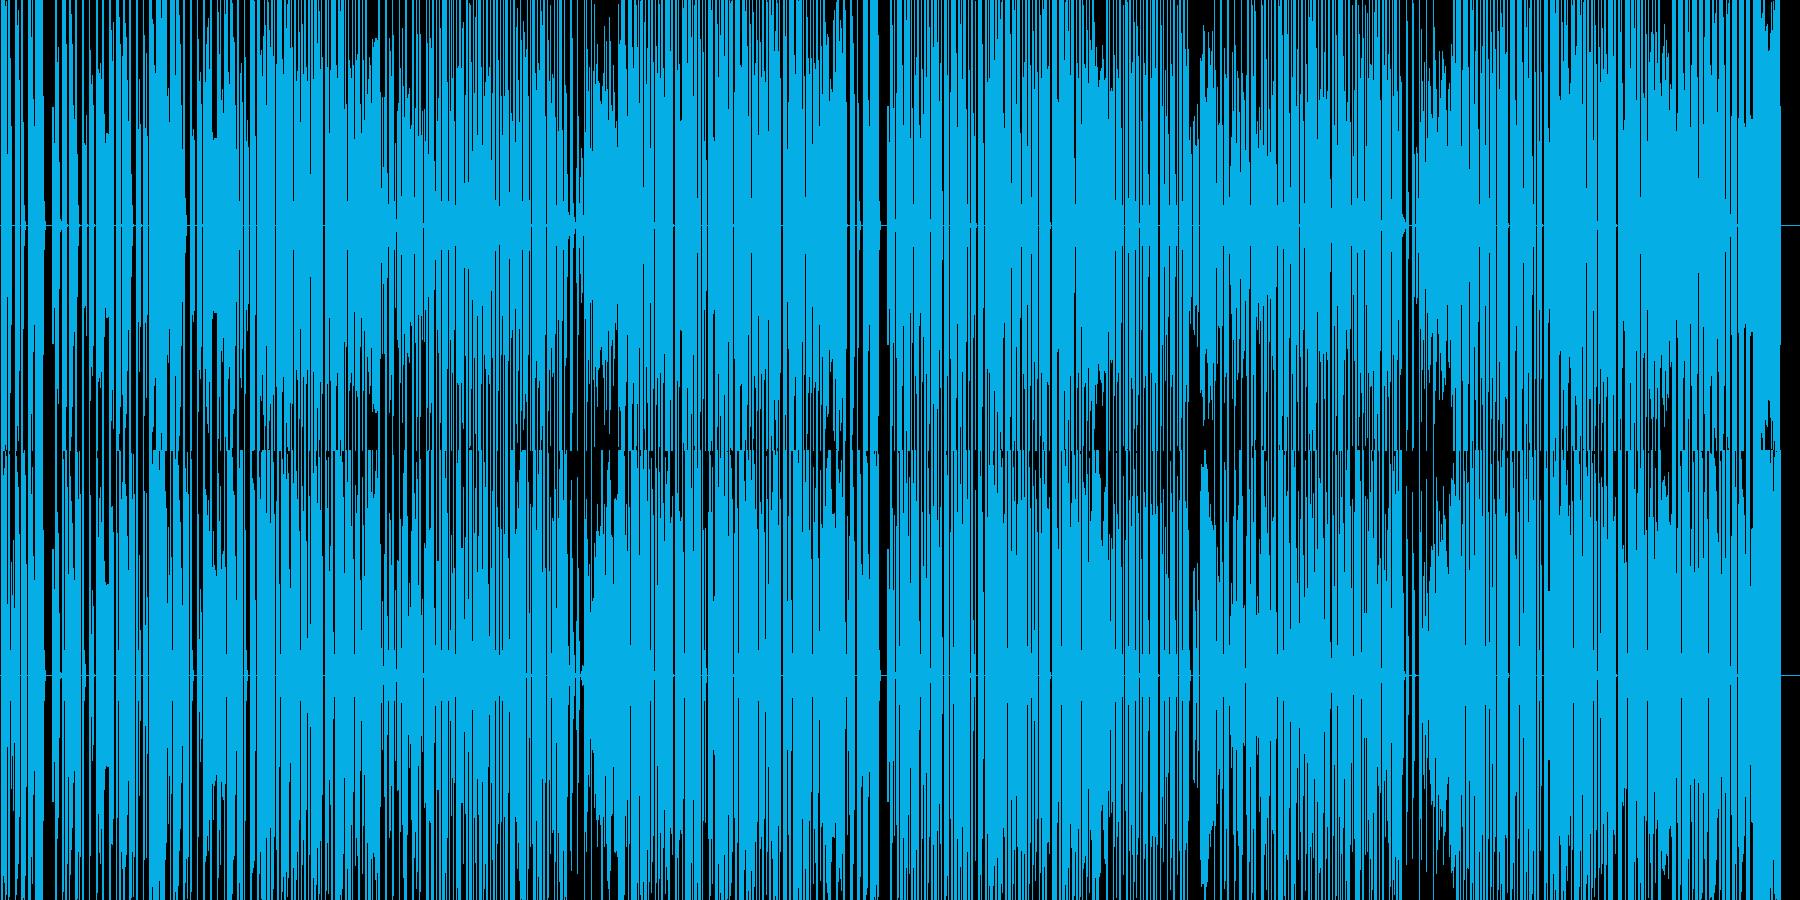 かわいらしくポップな電子音楽の再生済みの波形